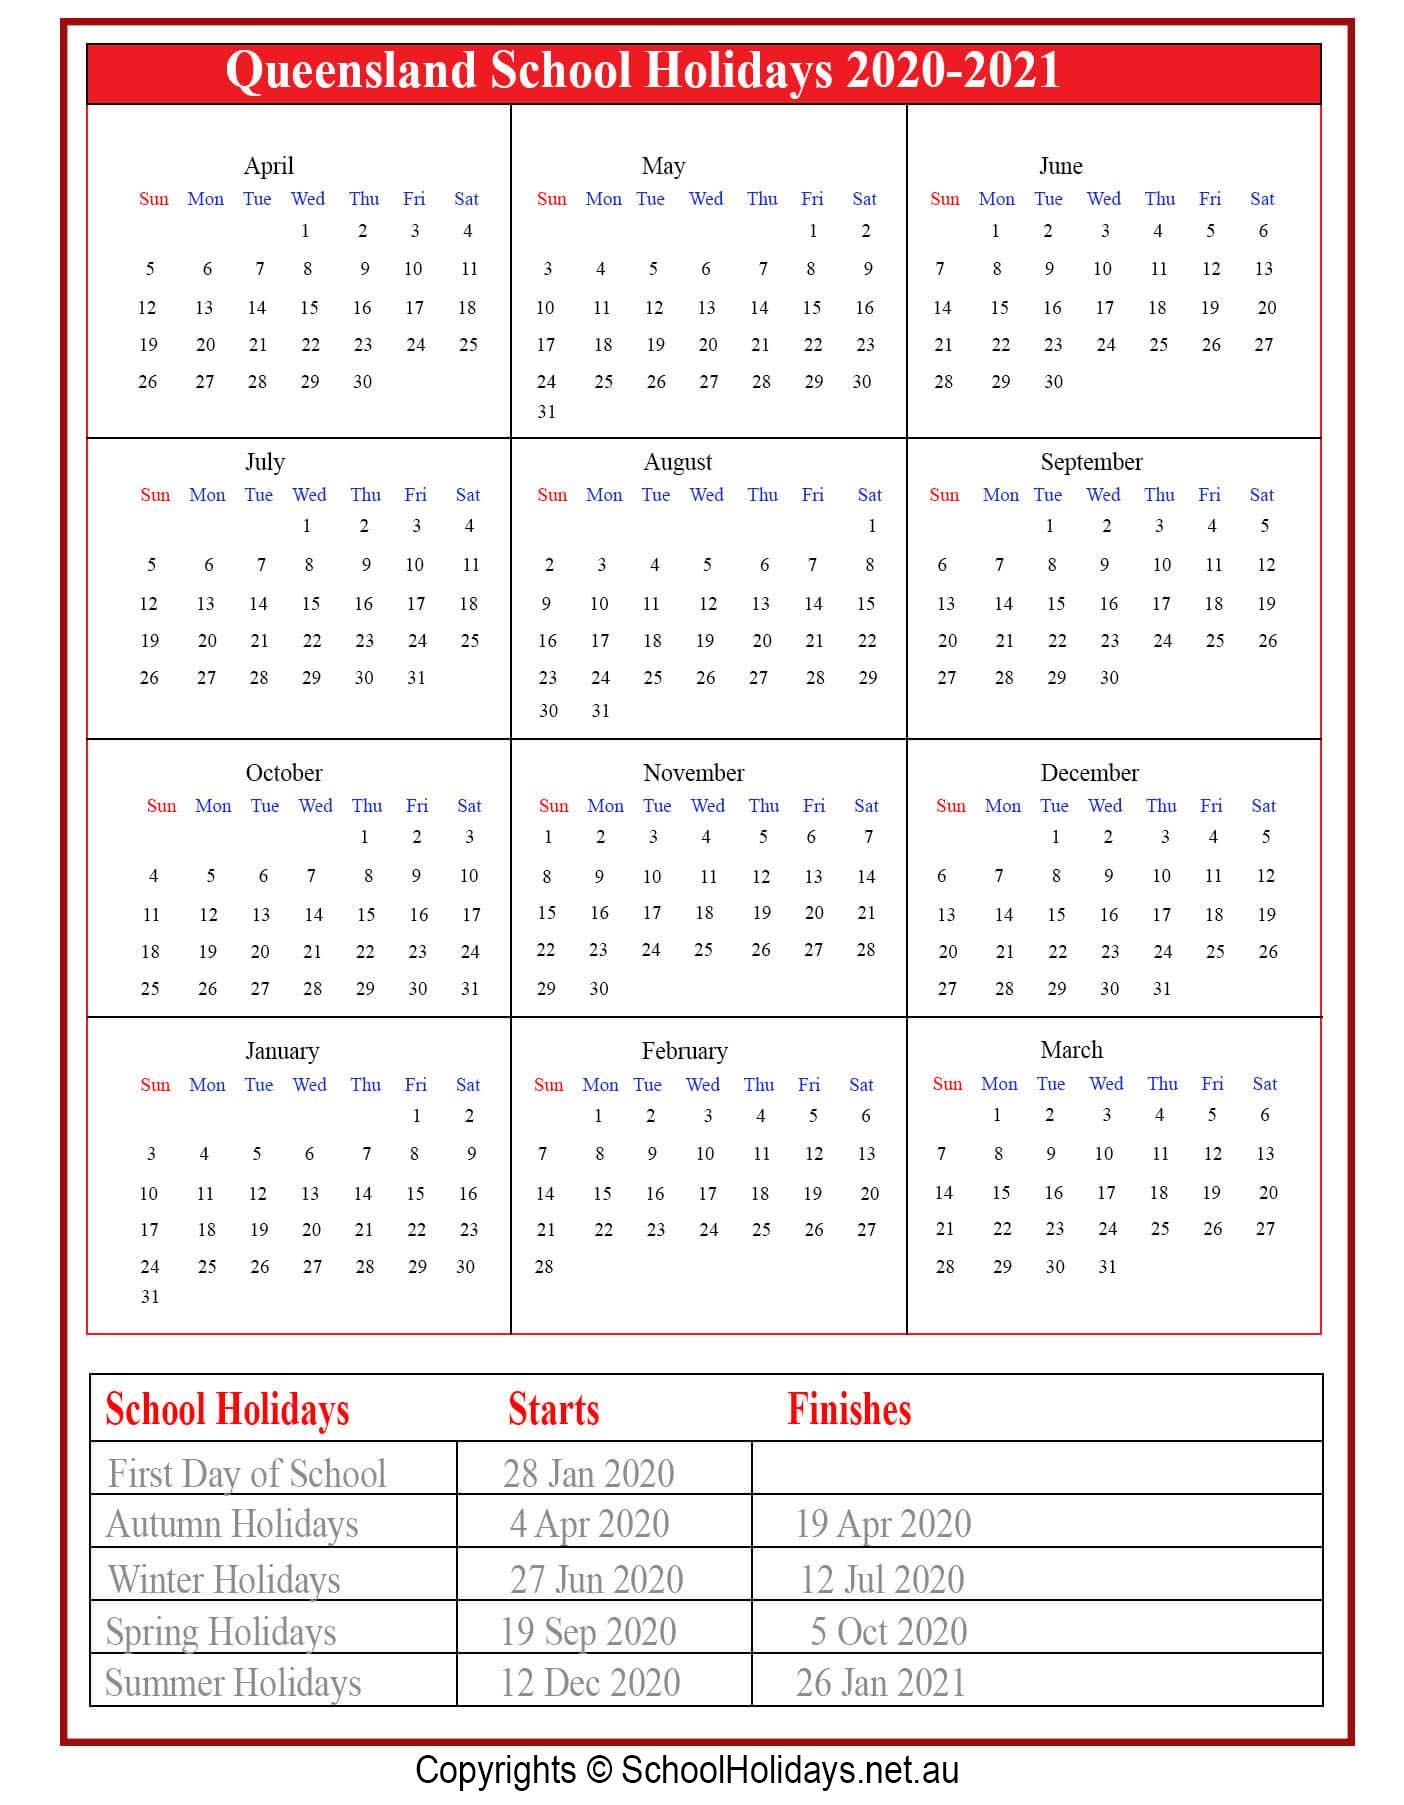 [%Qld *School Holidays* 2020 [Queensland]❤️|Qld 2021 School Holidays 2021|Qld 2021 School Holidays 2021%]